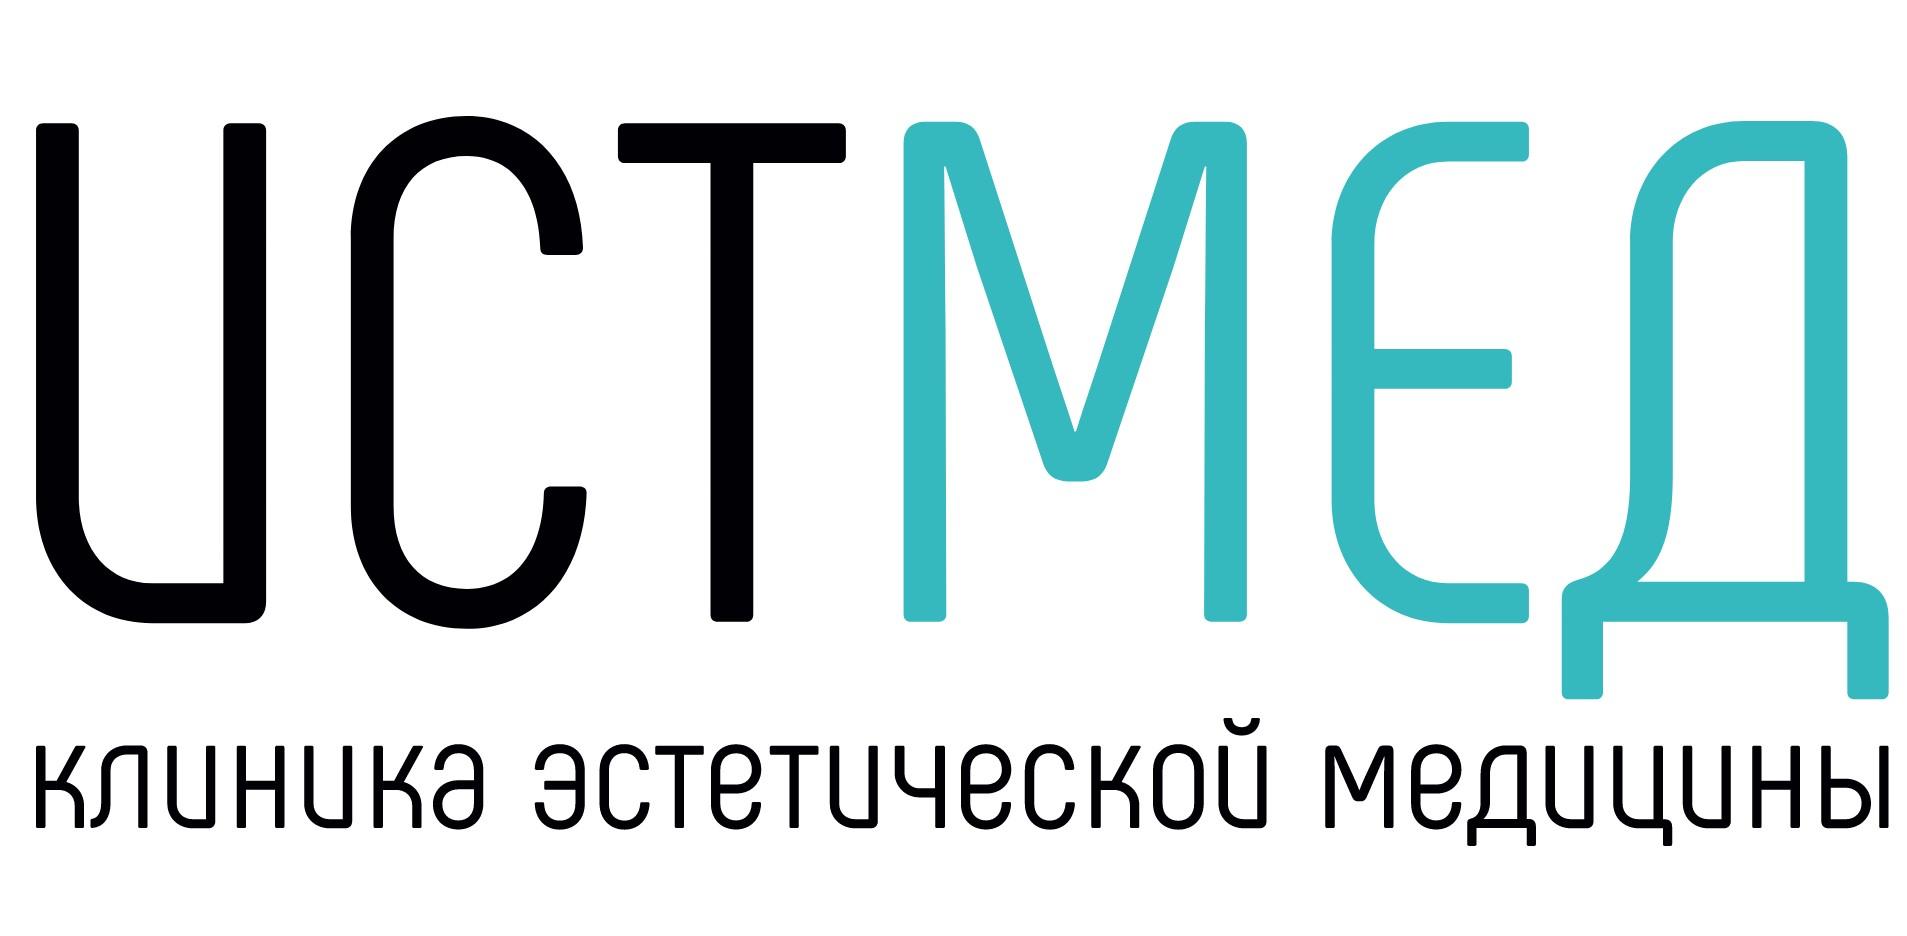 ИстМед — клиника эстетической медицины